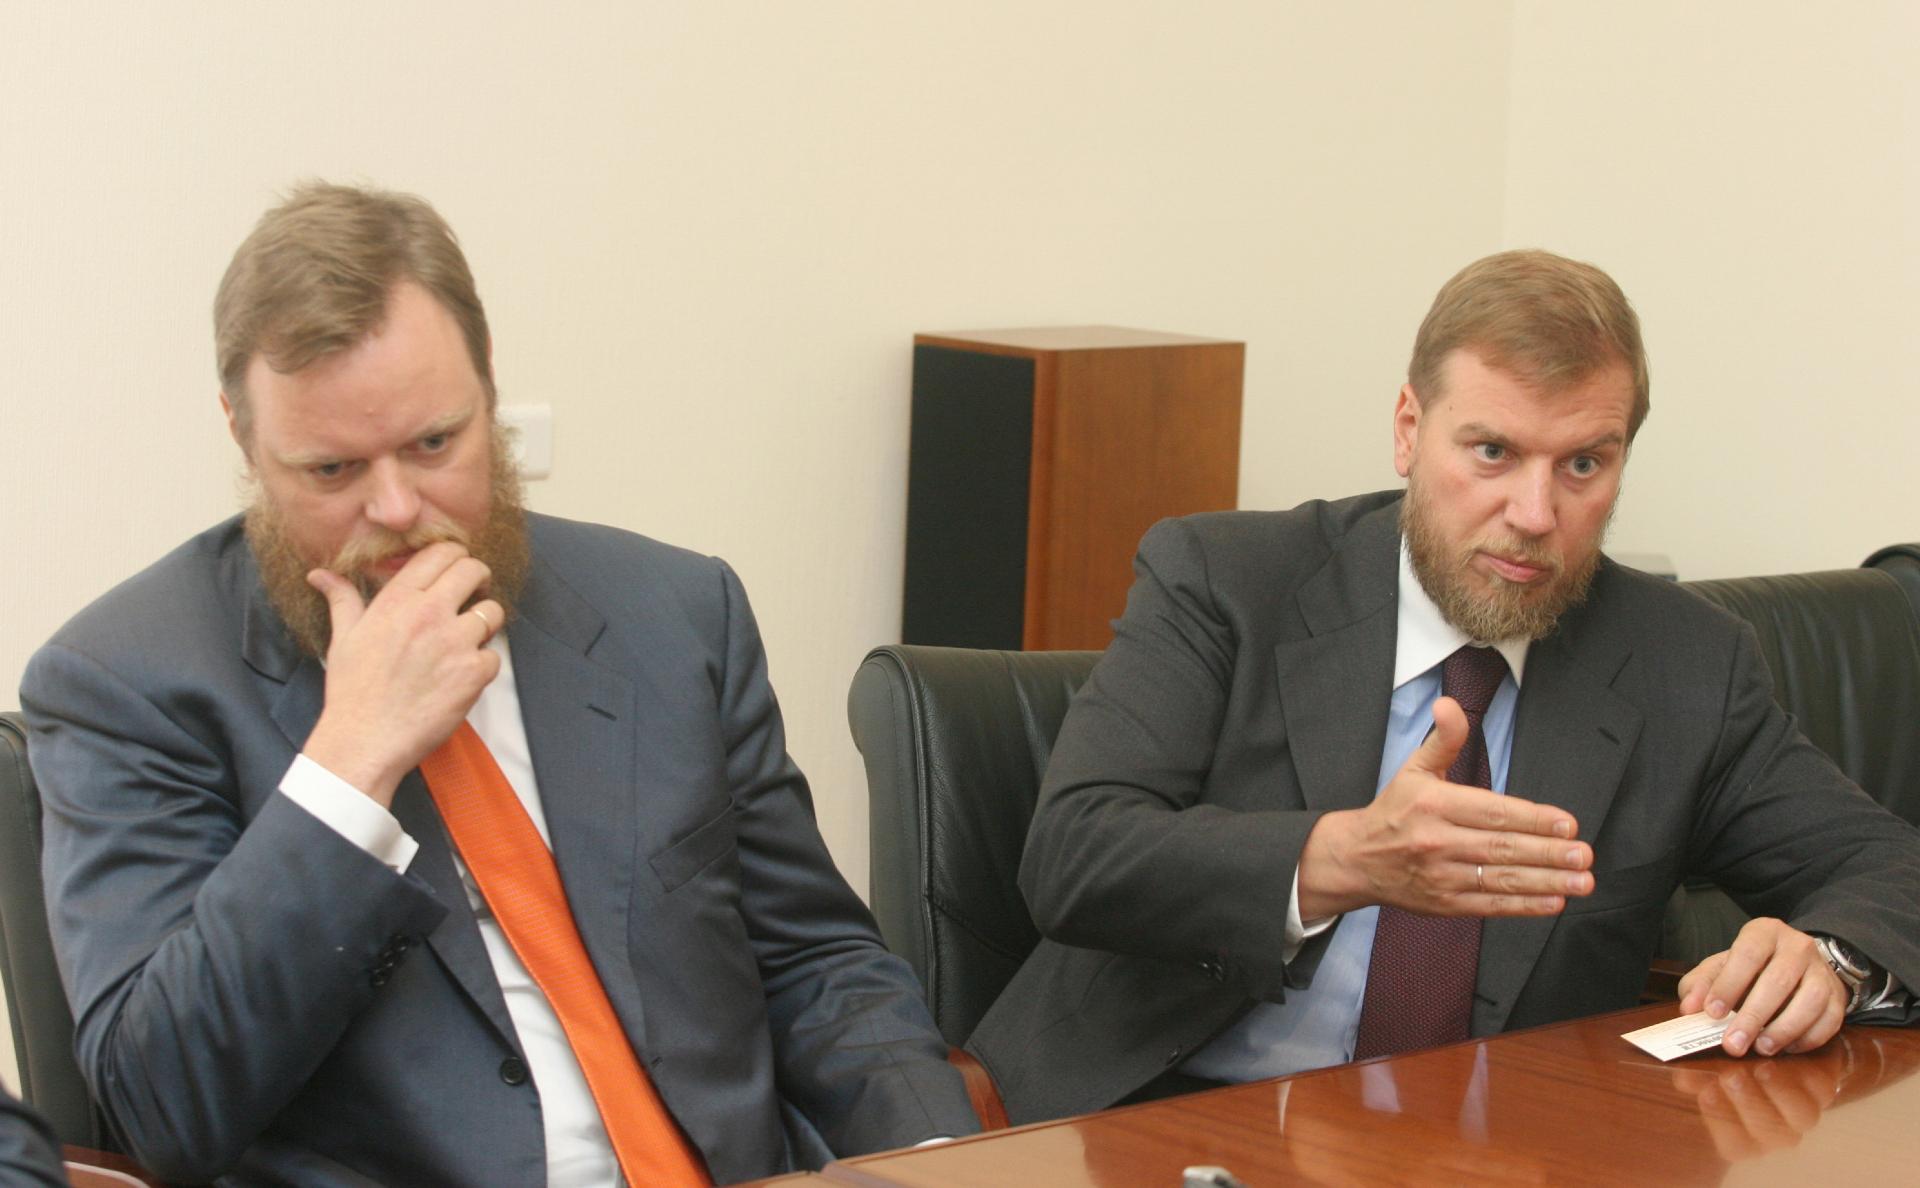 Дмитрий (слева)и Алексей Ананьевы